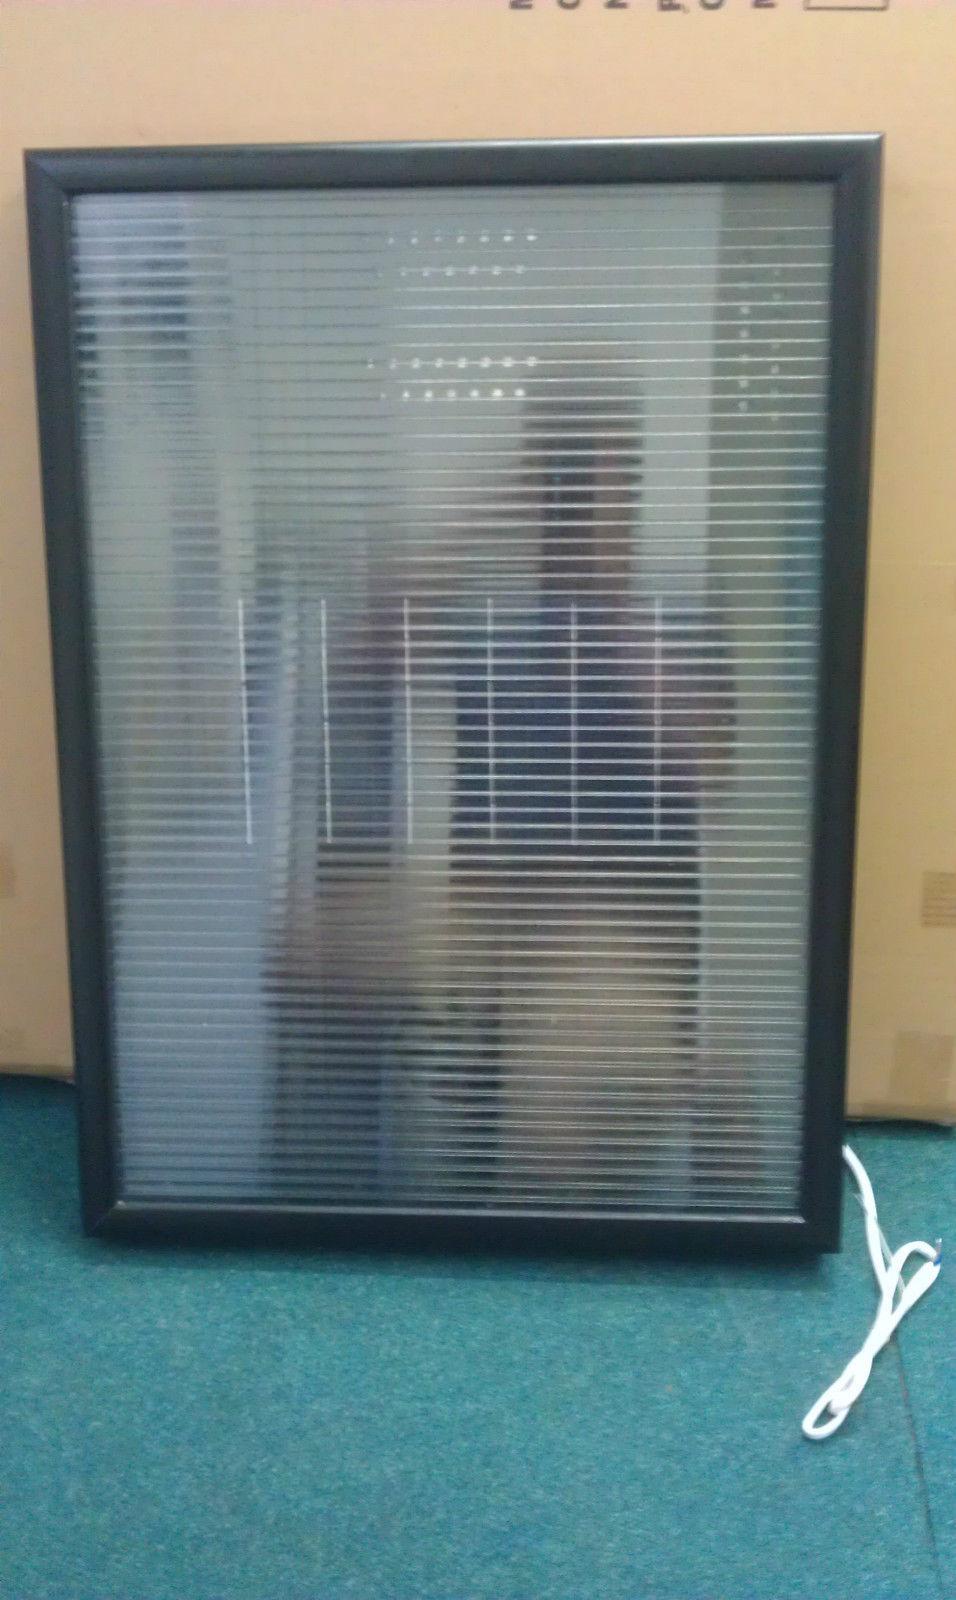 Pannello Solare Aria Ho : Collettore pannello solare ad aria w termico